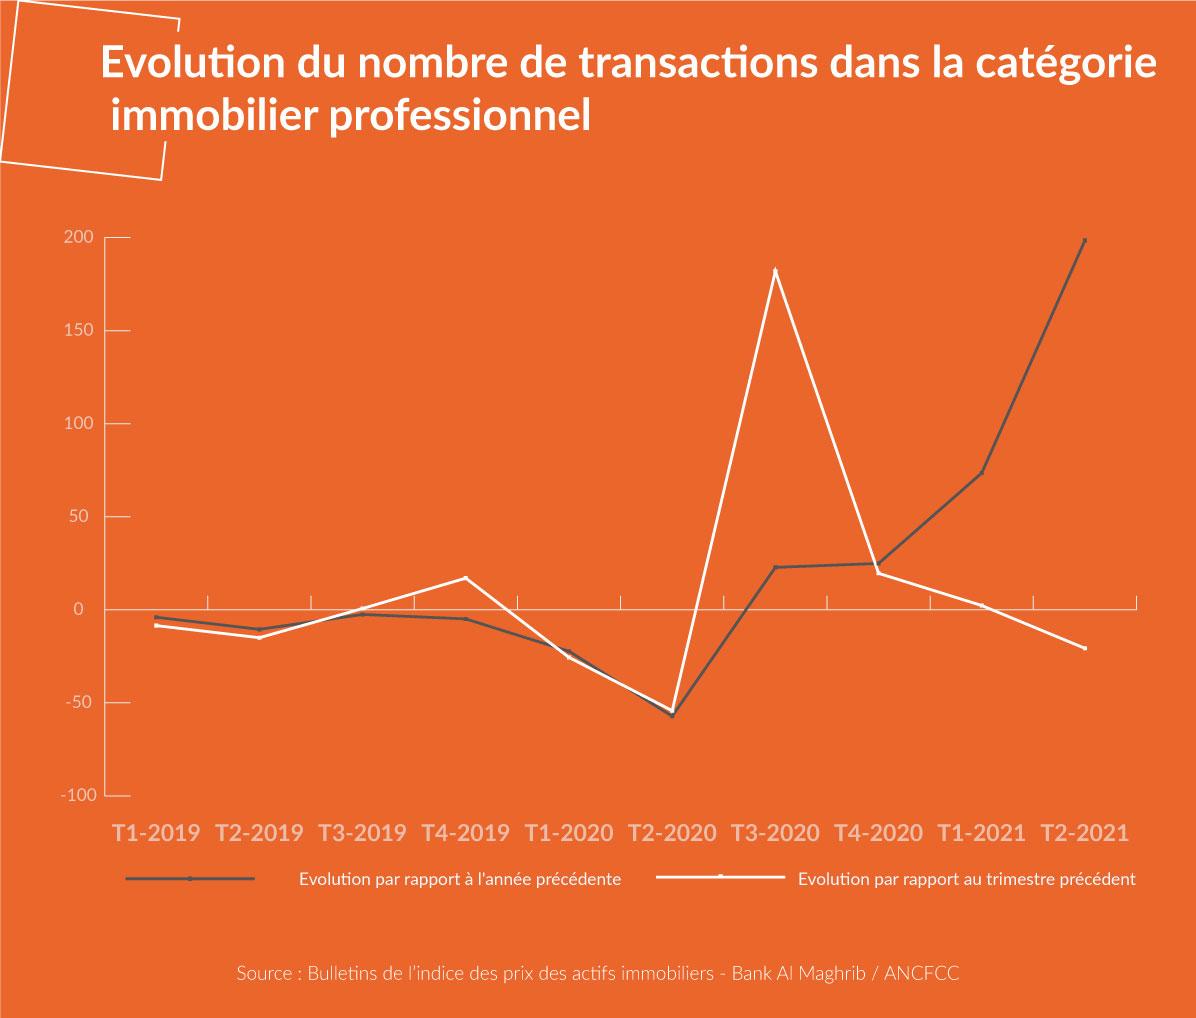 Evolution du nombre de transactions de l'immobilier d'entreprise